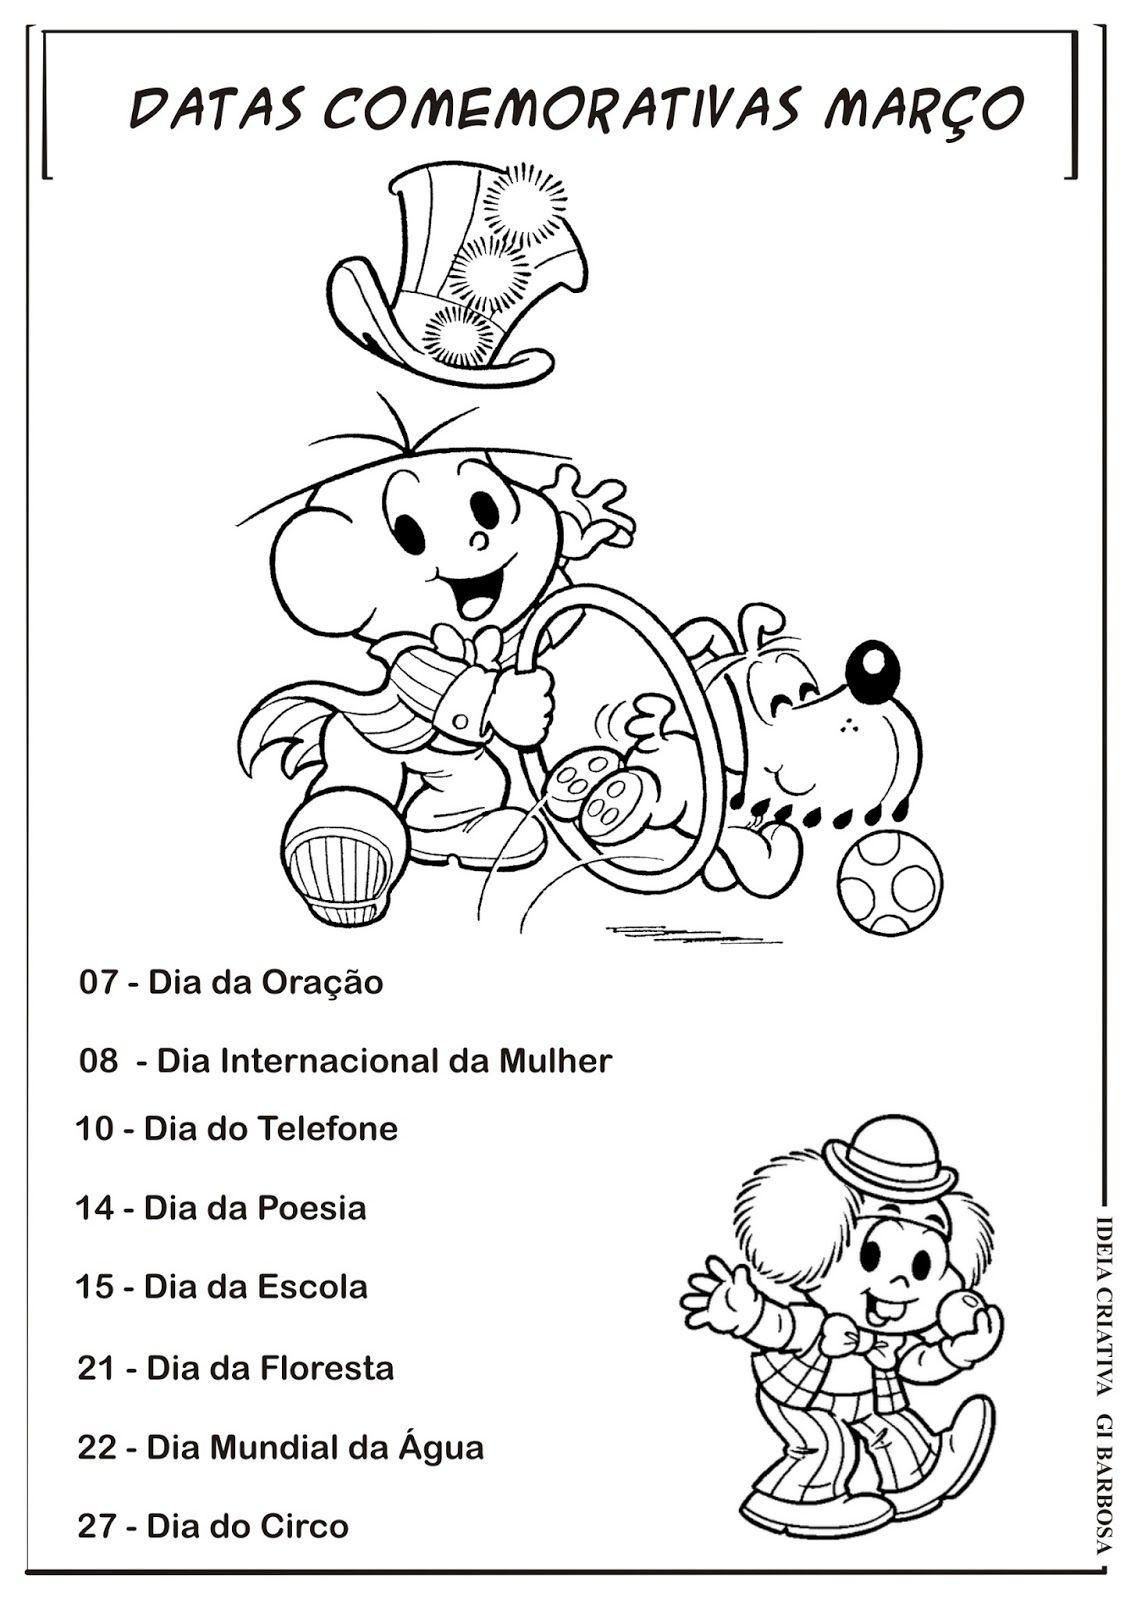 Datas Comemorativas Mes De Marco Com Imagens Calendario De Datas Comemorativas Datas Comemorativas Educacao Infantil Datas Comemorativas Escolares